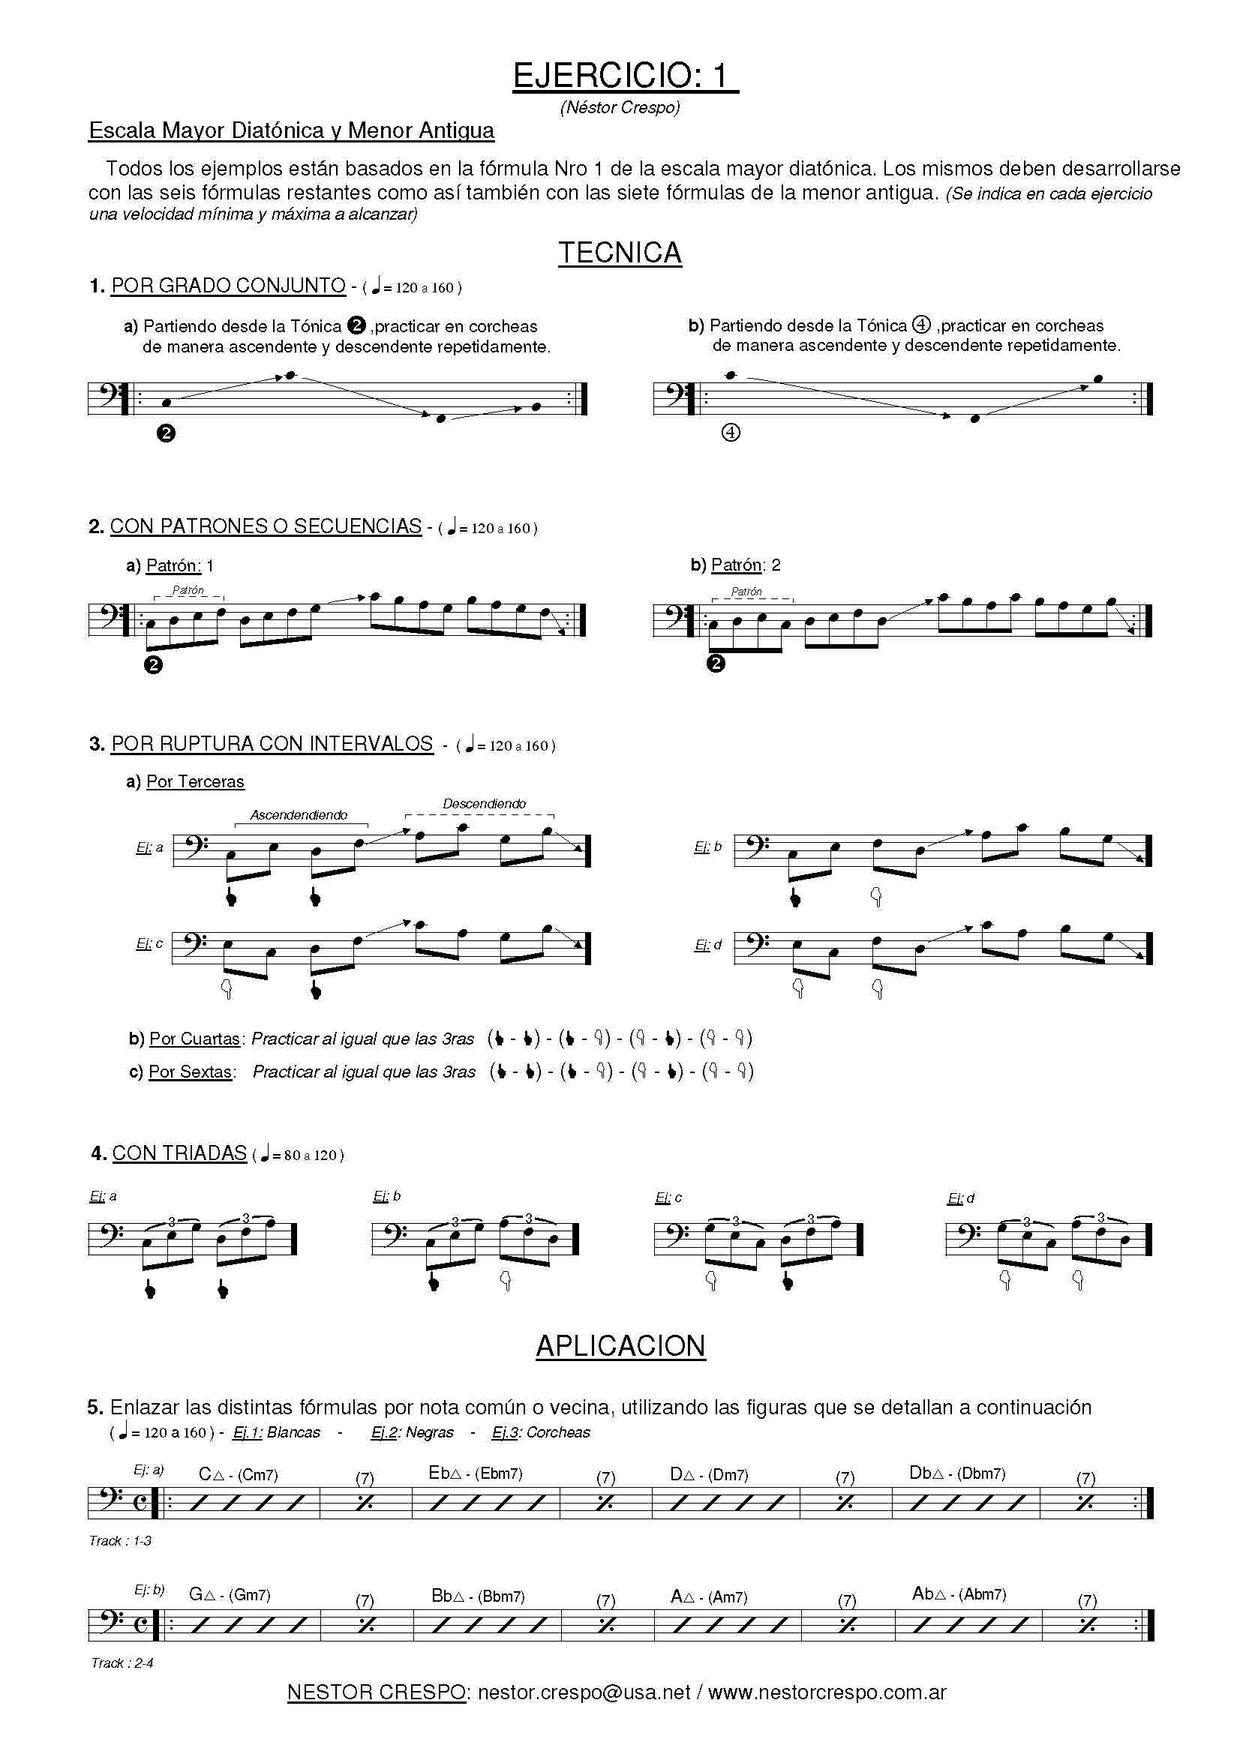 BAJO / GRATIS - Libro  de Escalas y Arpegios